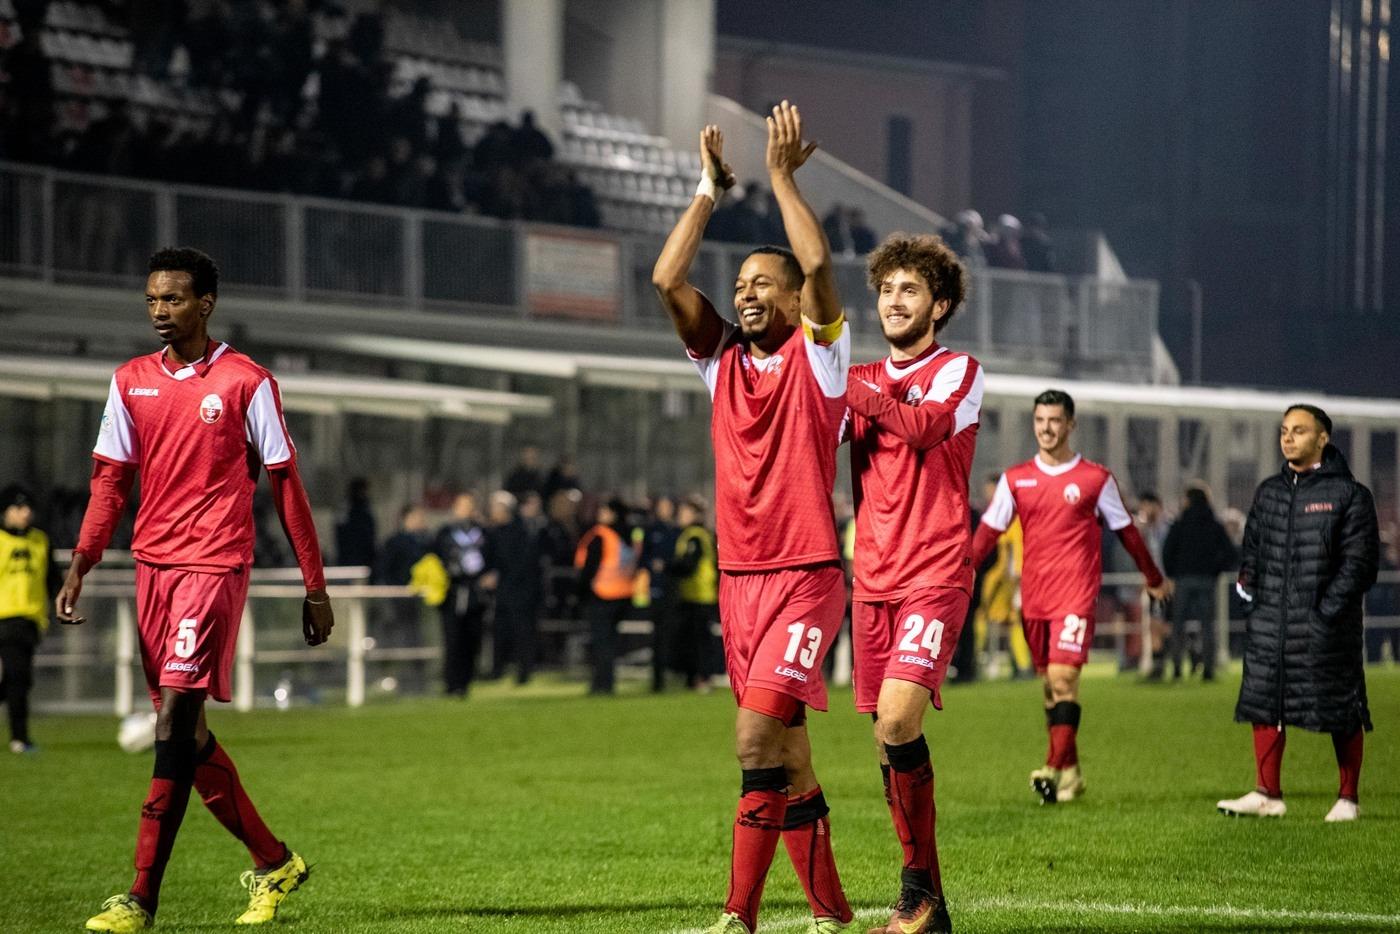 Novara-Cuneo 16 marzo: si gioca per la 30 esima giornata del gruppo A della Serie C. Locali favoriti in questo derby piemontese.